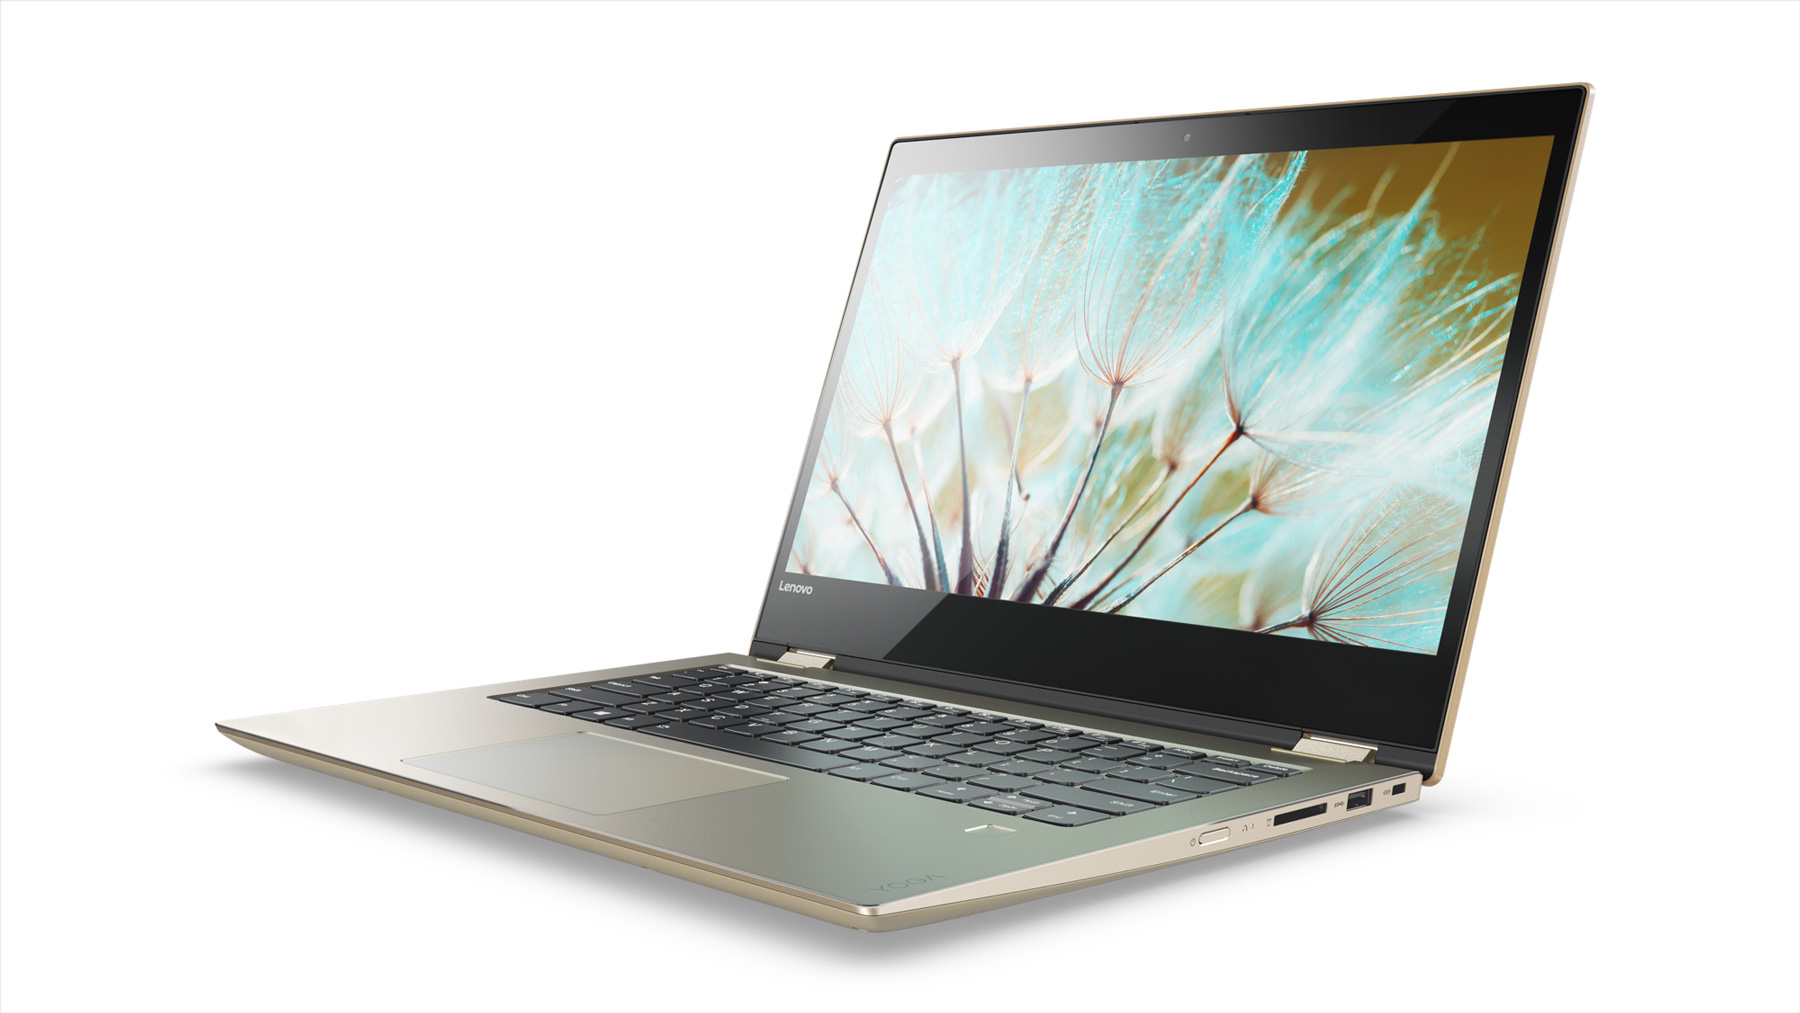 Фото  Ультрабук Lenovo Yoga 520  Gold Metallic (81C800DGRA)